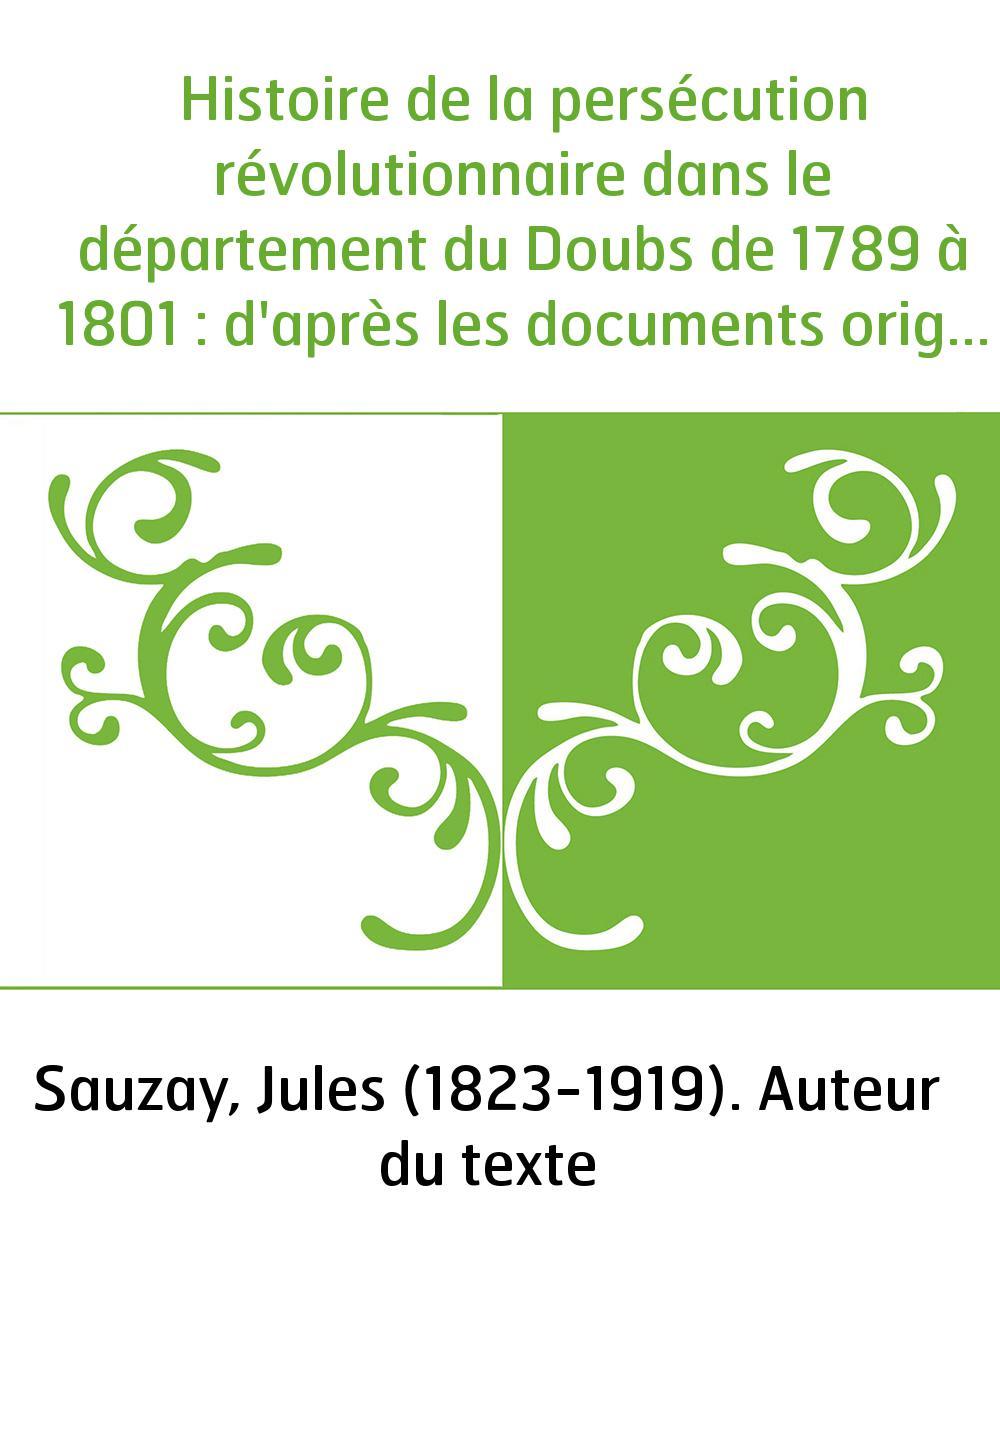 Histoire de la persécution révolutionnaire dans le département du Doubs de 1789 à 1801 : d'après les documents originaux inédits